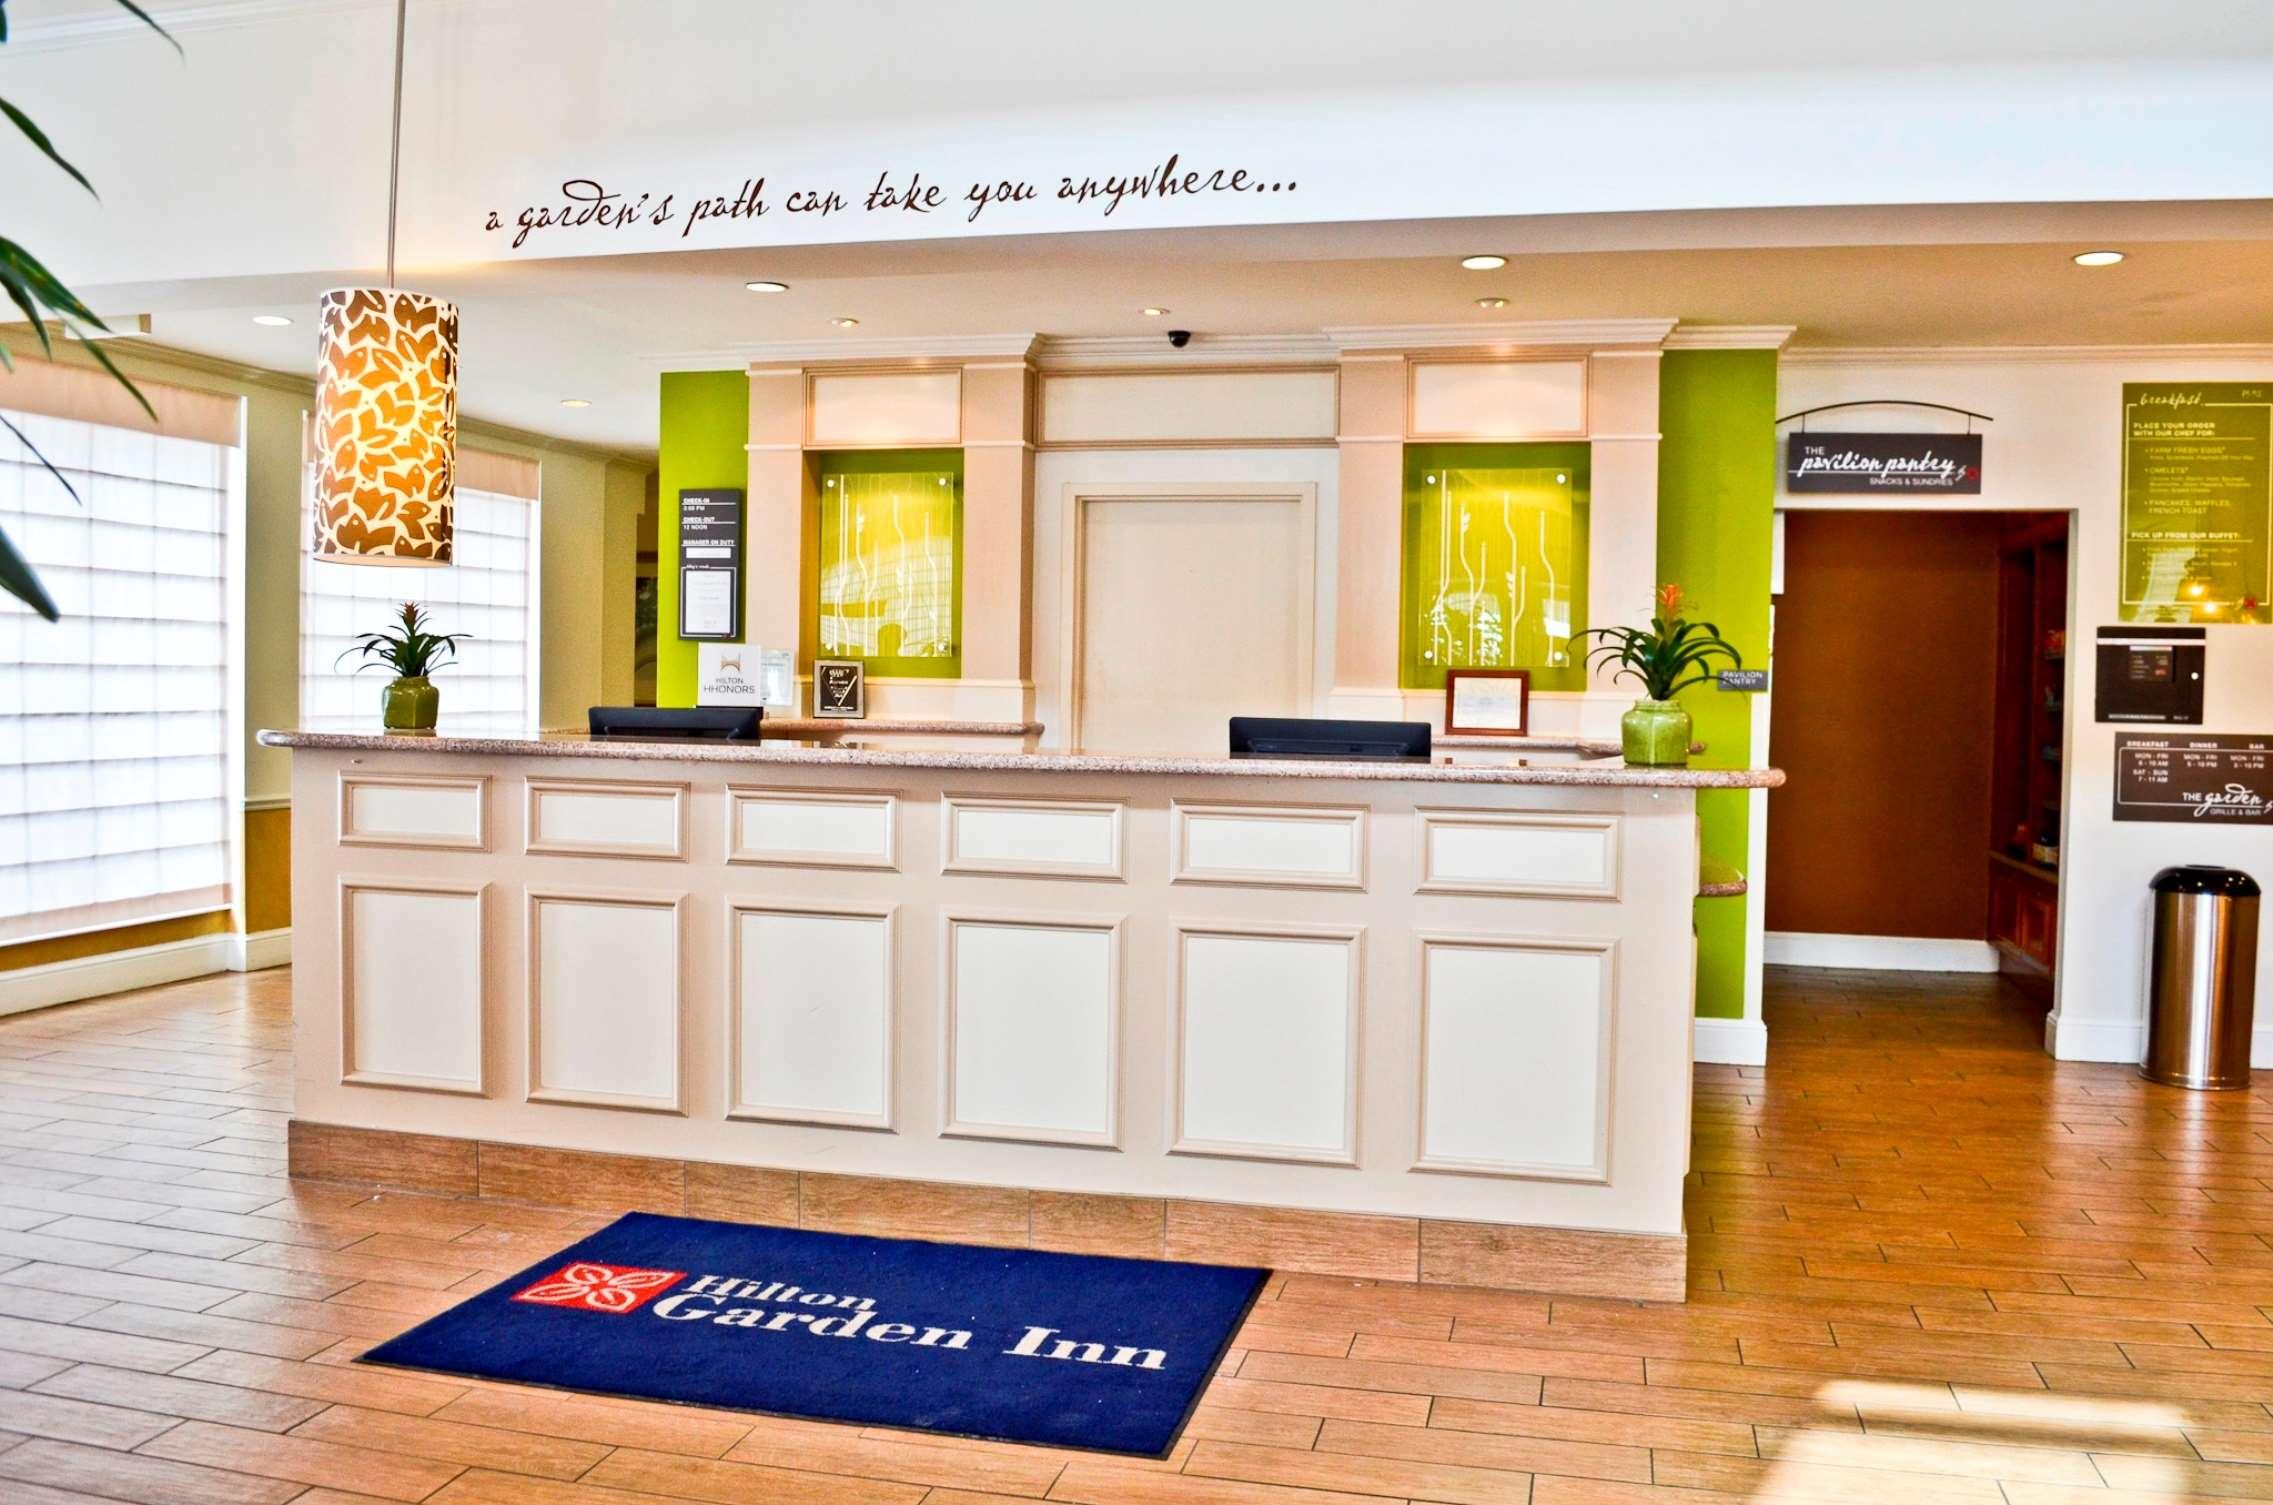 Hilton Garden Inn Cincinnati Northeast image 2